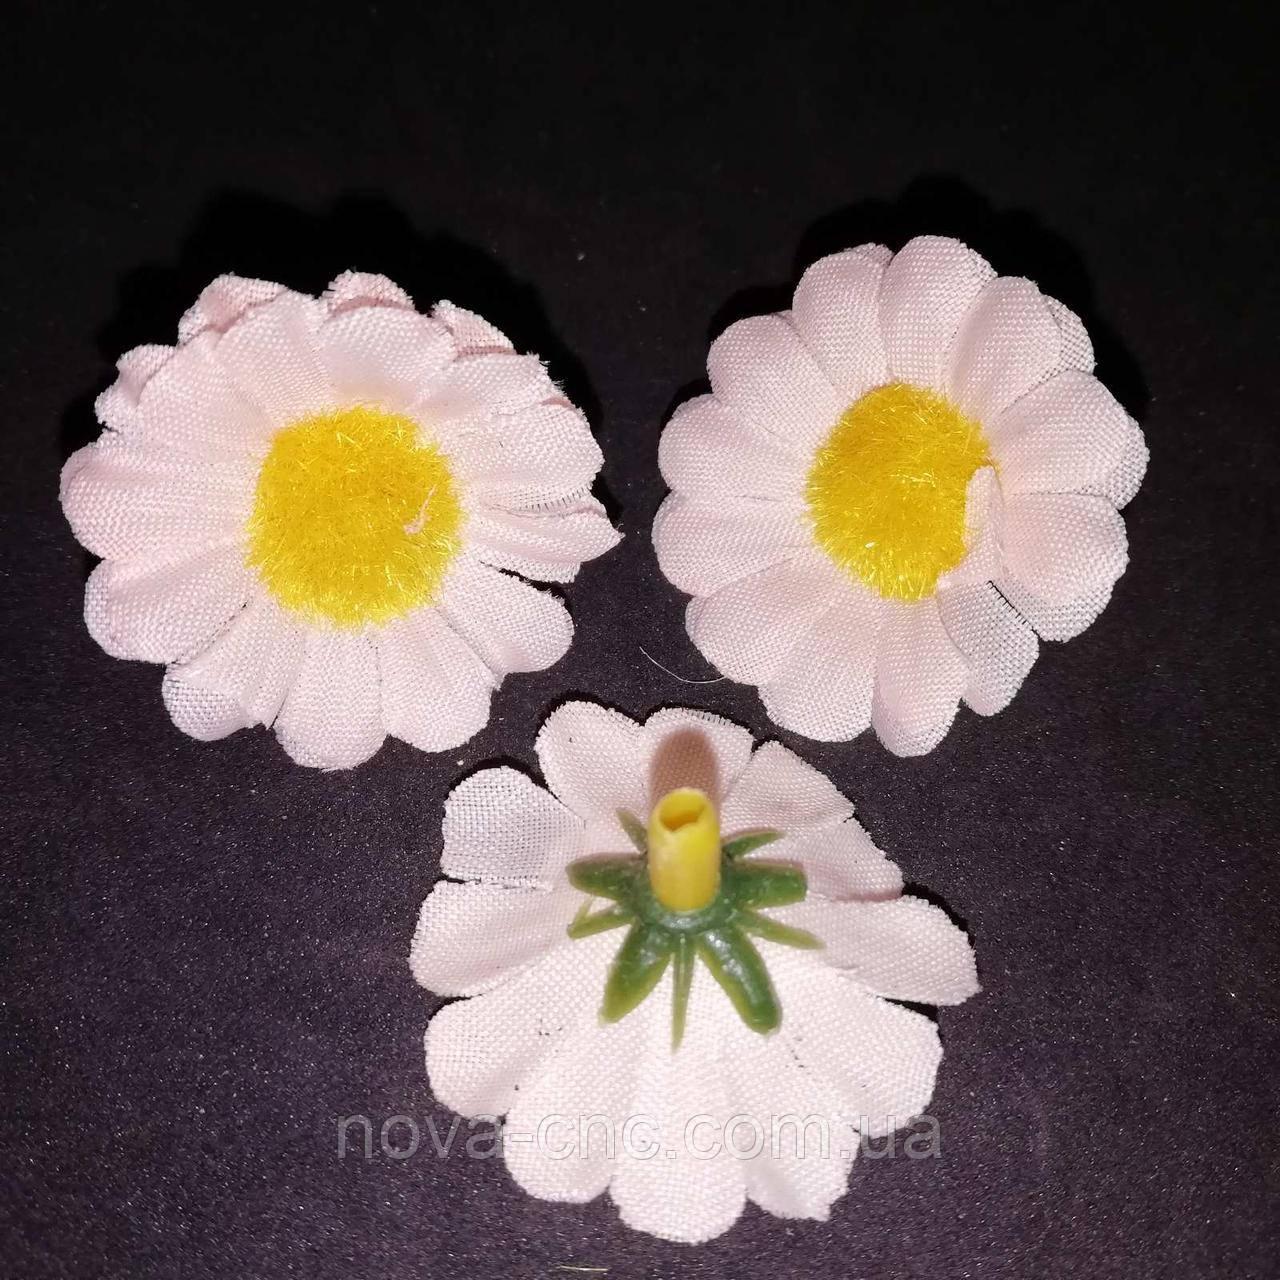 """Квітка тканинний """"Ромашка"""" персикова 3 см 100 шт в упаковці"""